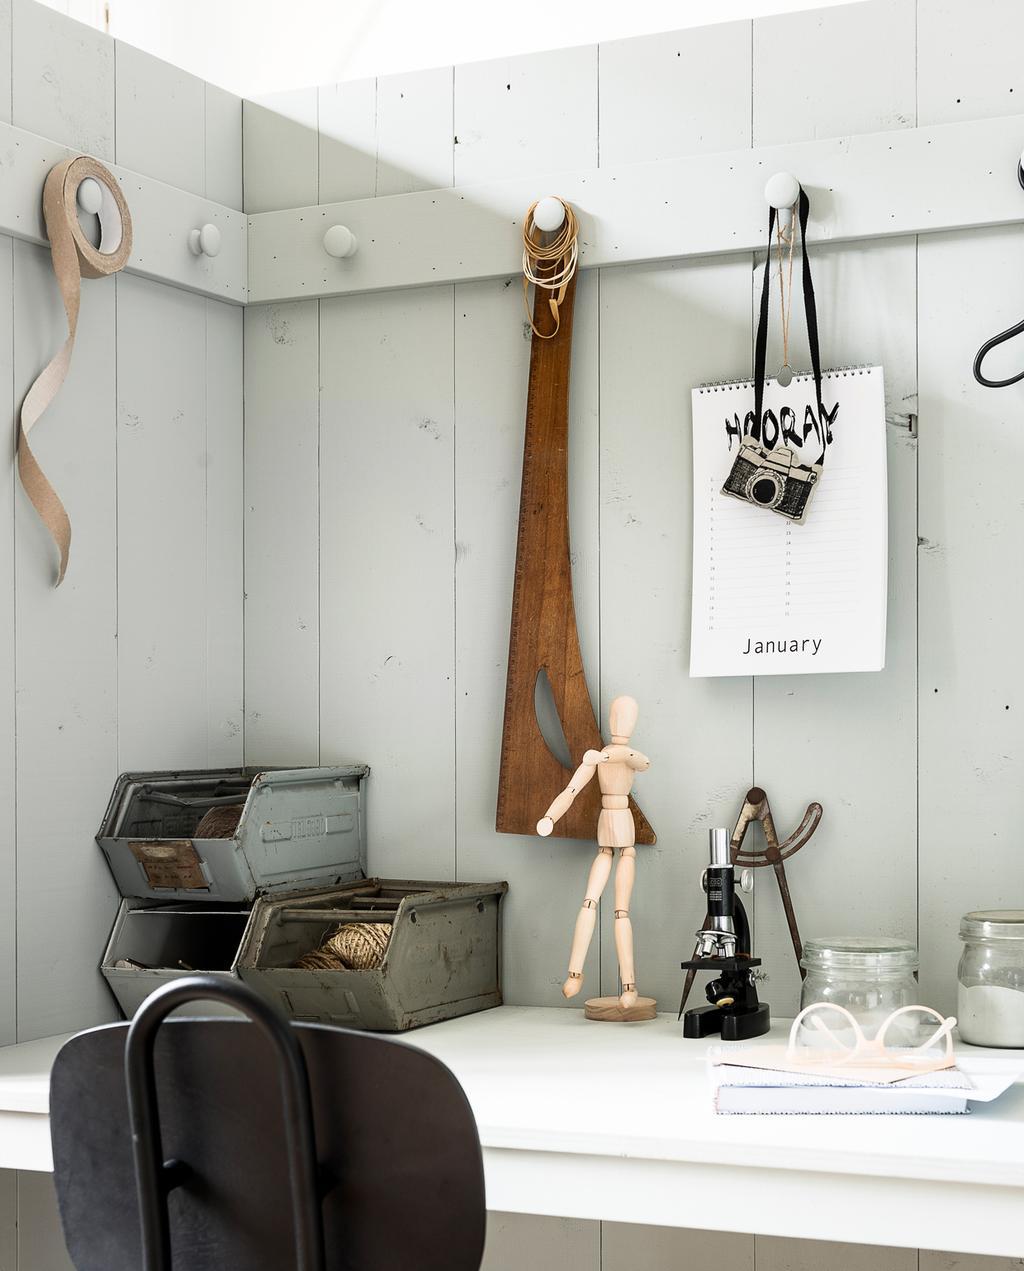 vtwonen 09-2017 | styling Kim van Rossenberg, fotografie Sjoerd Eickmans | DIY werkplek